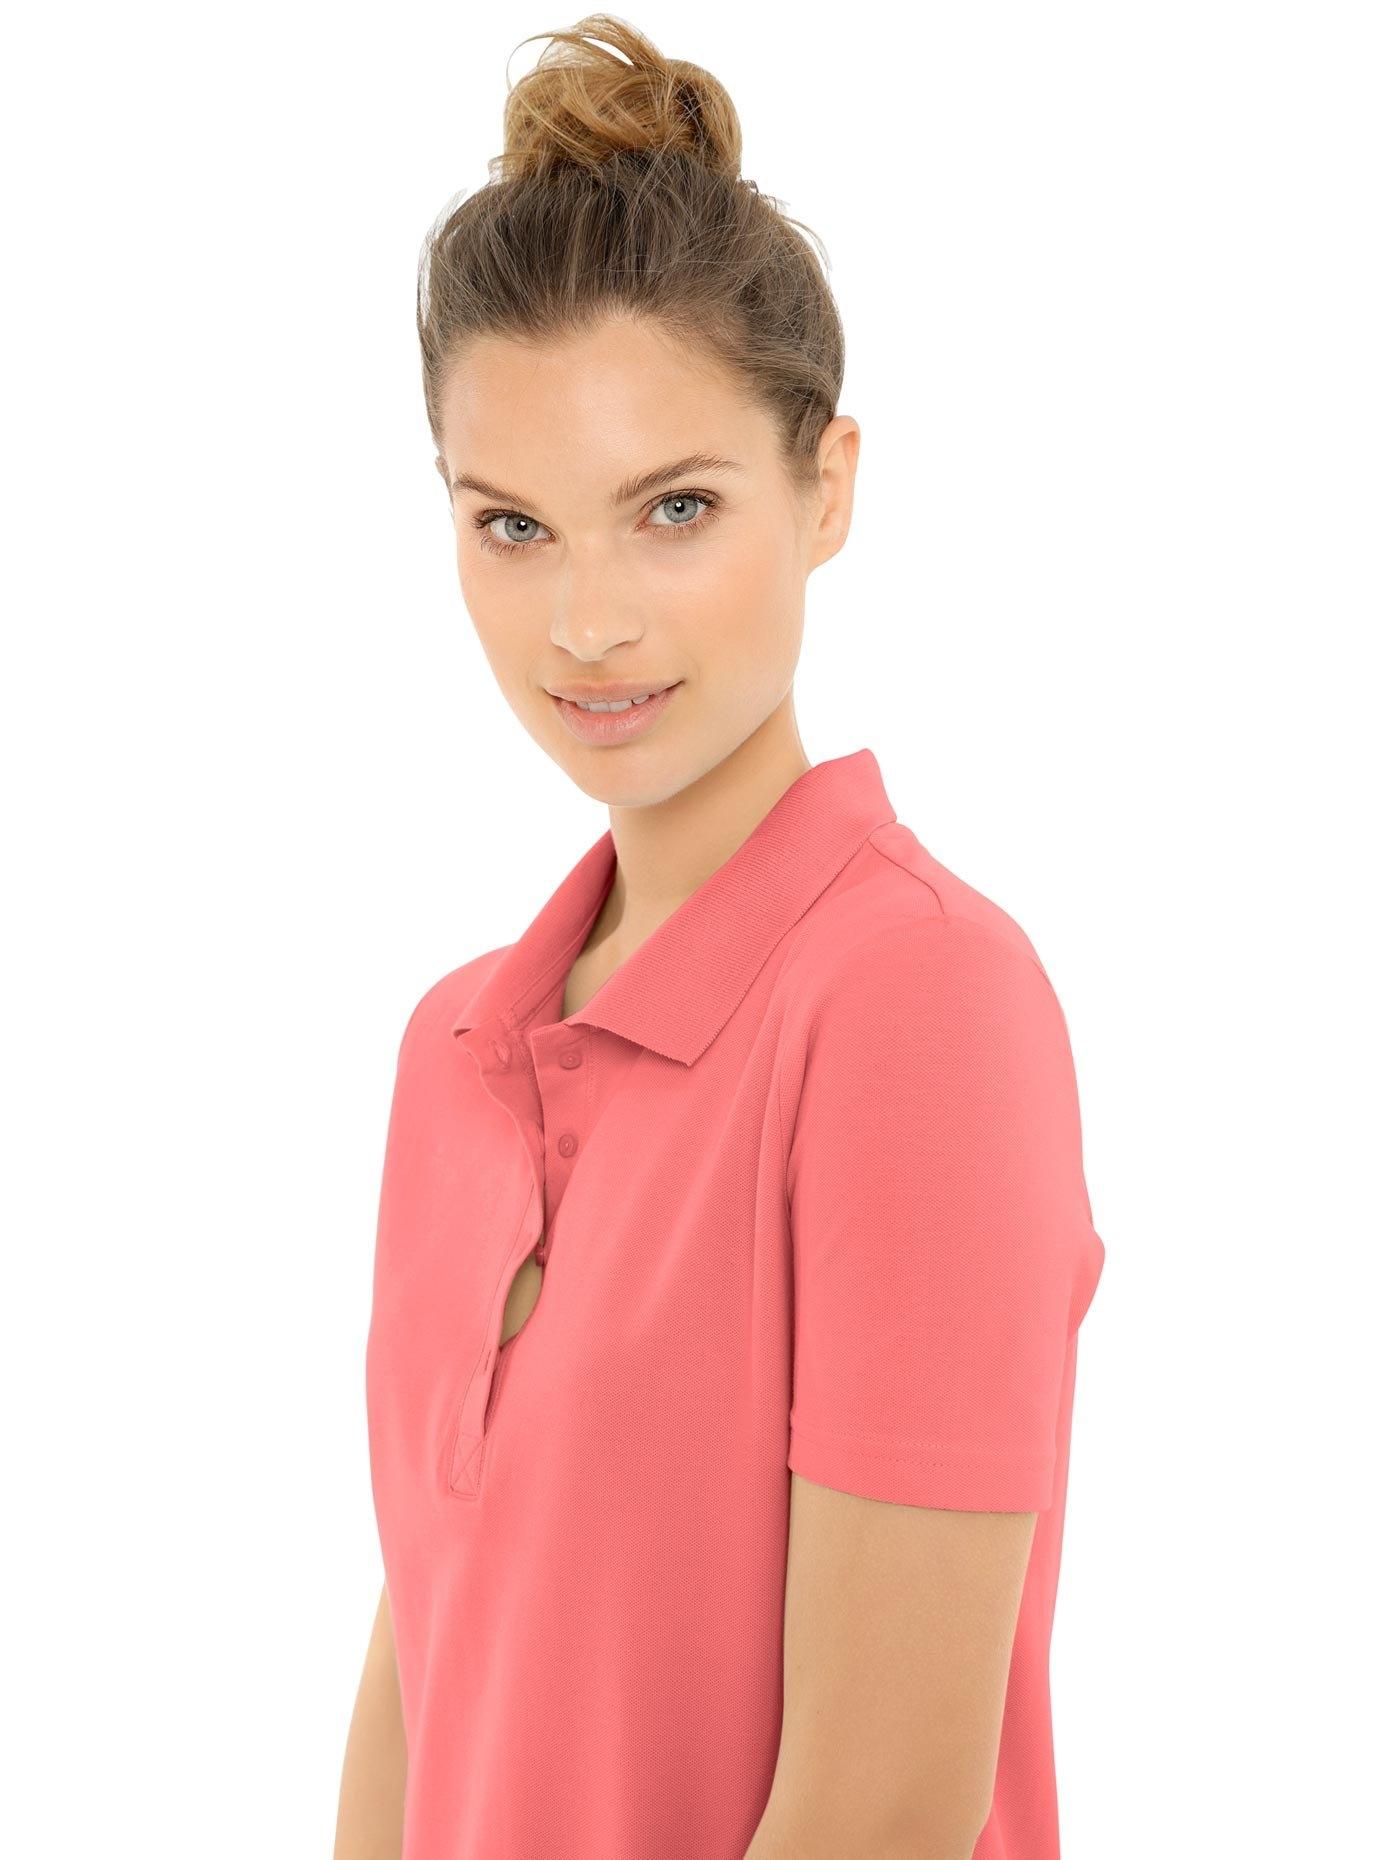 B.C. BEST CONNECTIONS by Heine shirtjurk aansluitend voordelig en veilig online kopen